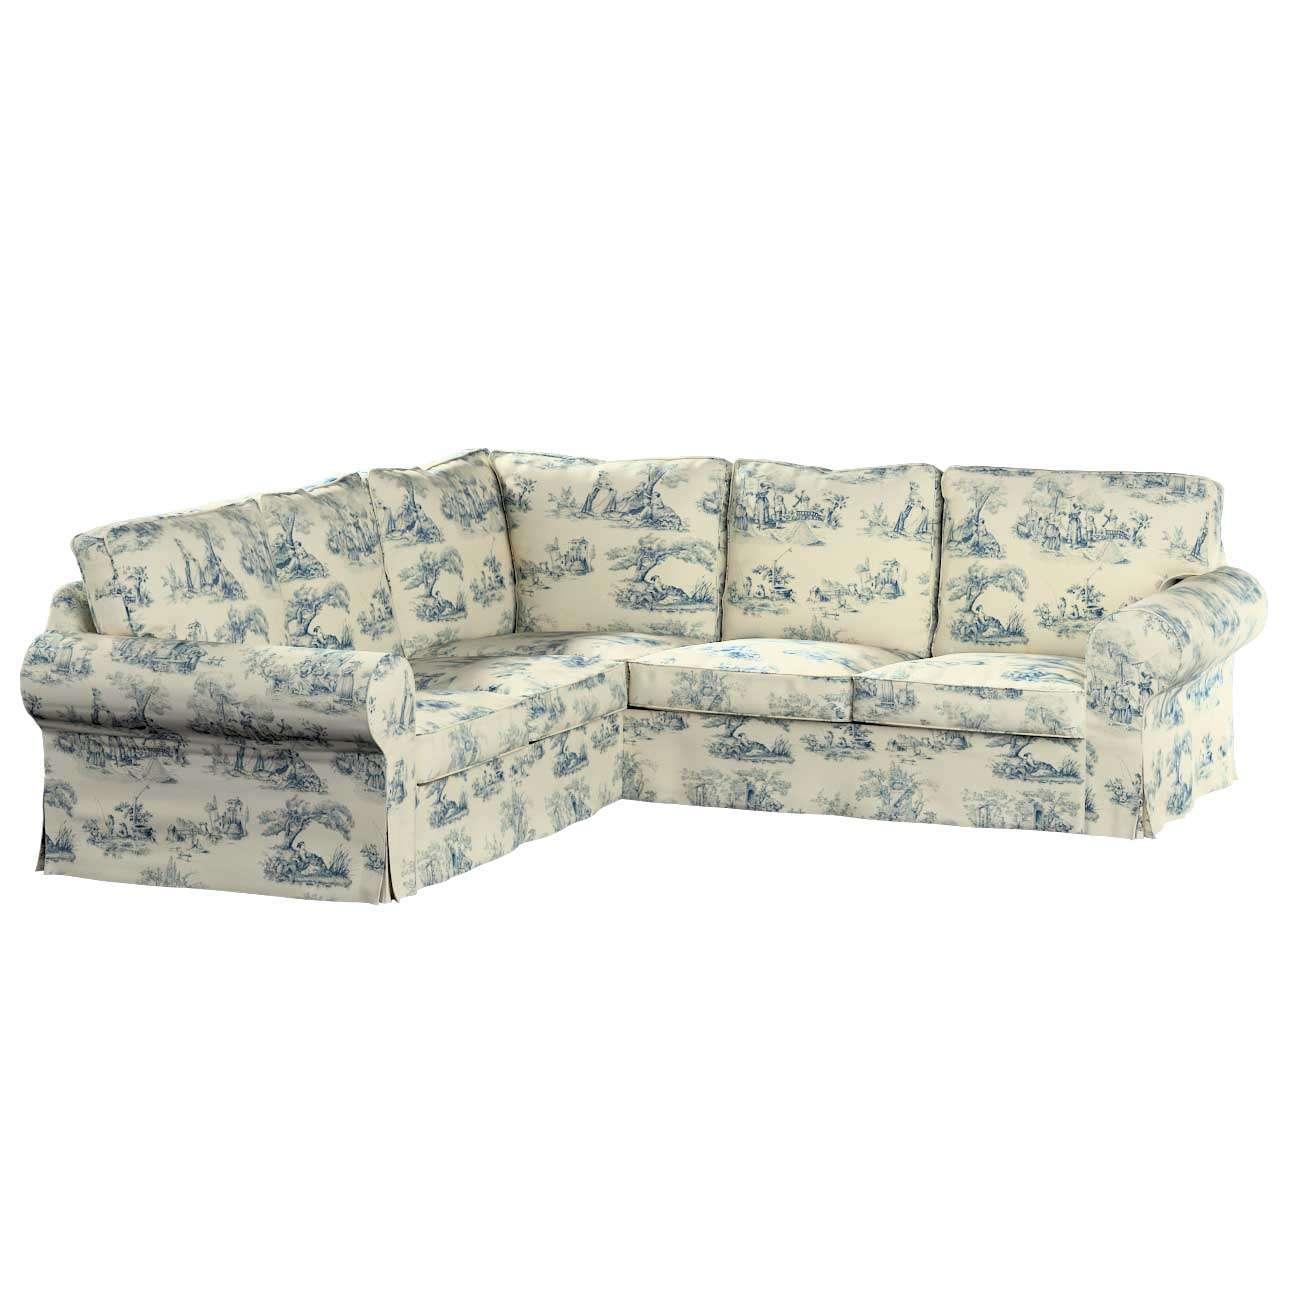 Pokrowiec na sofę narożną Ektorp w kolekcji Avinon, tkanina: 132-66